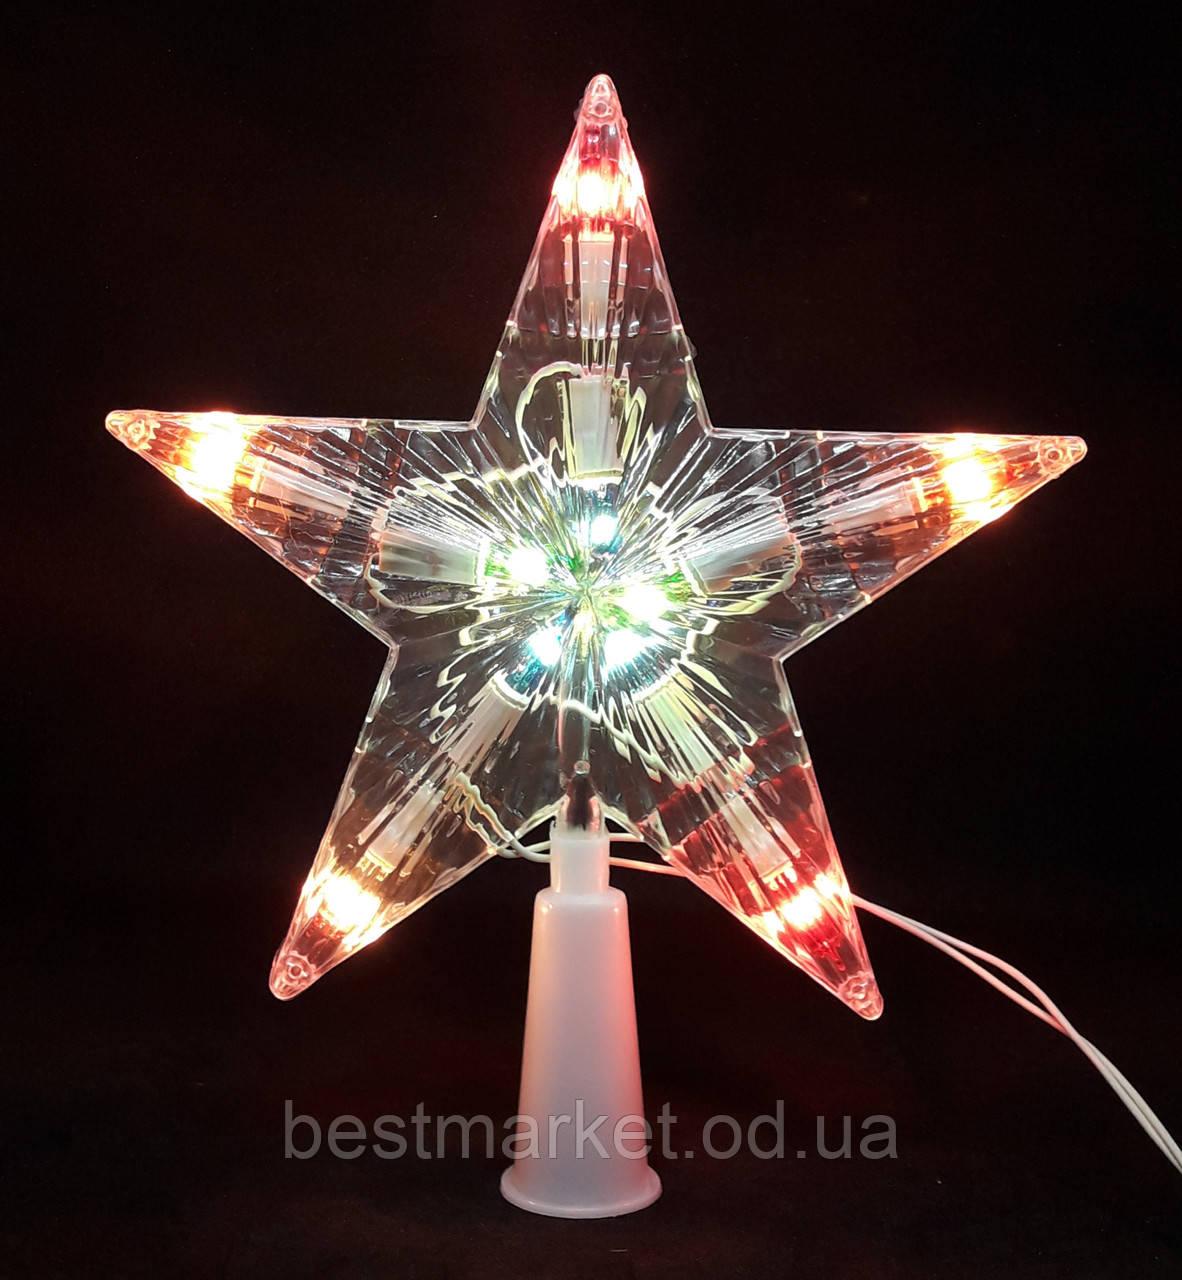 Новогодняя Верхушка Звезда с Подсветкой 19 см на Елку